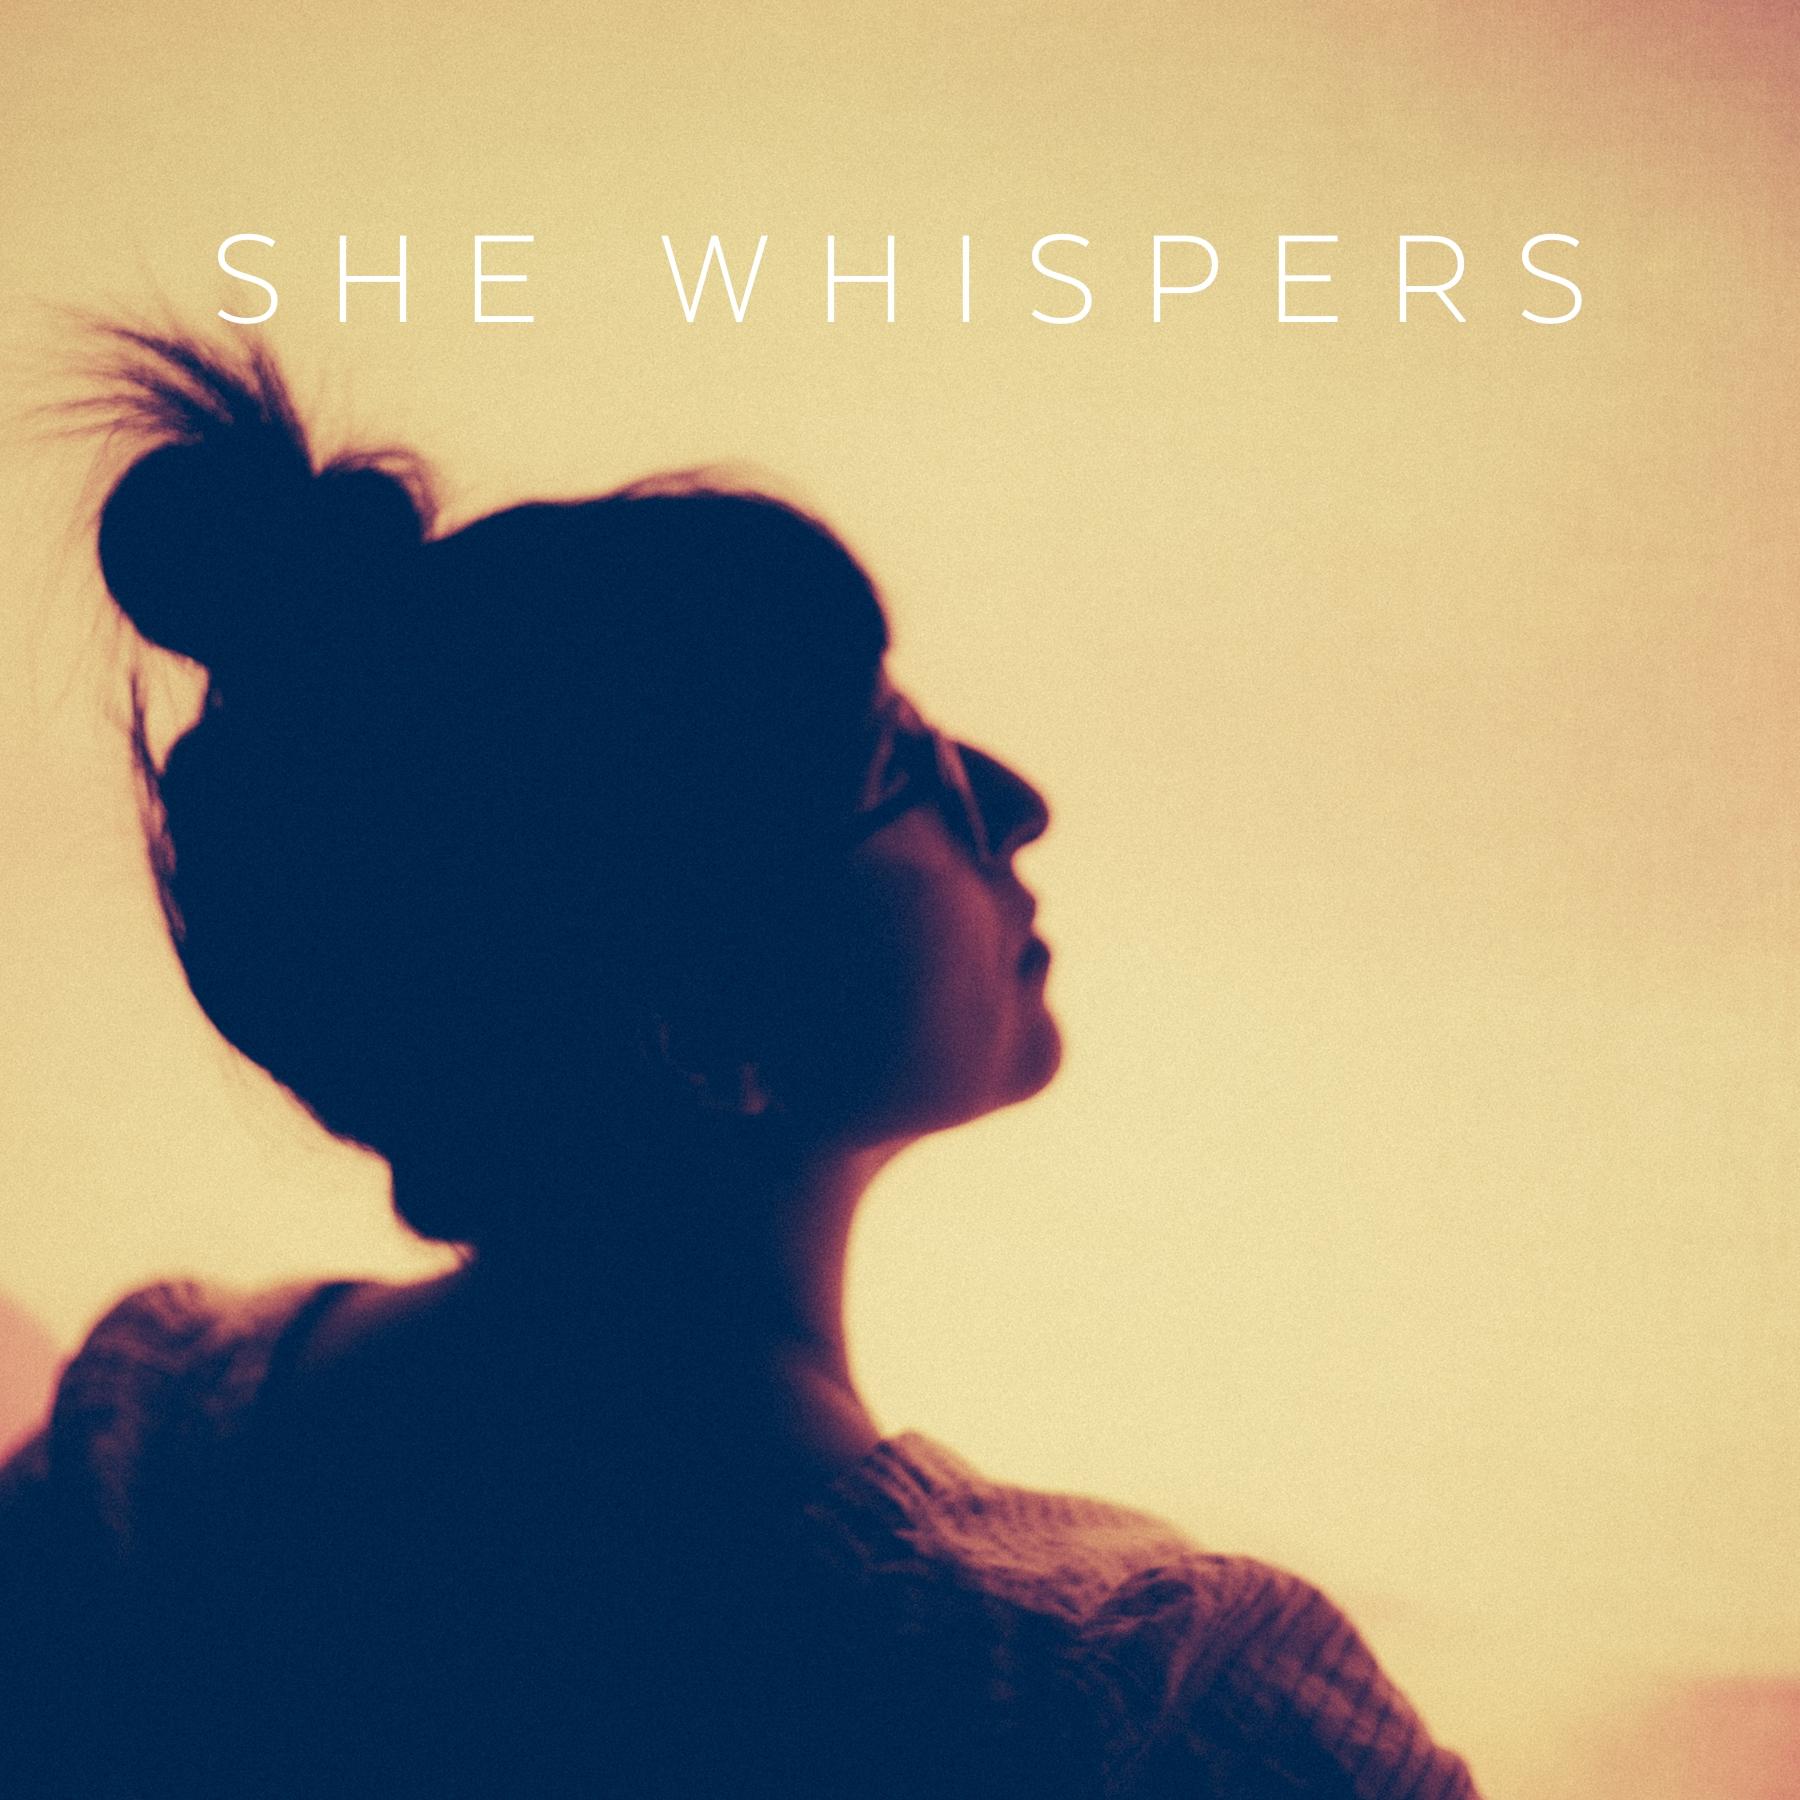 She Whispers Singles Cover.jpg